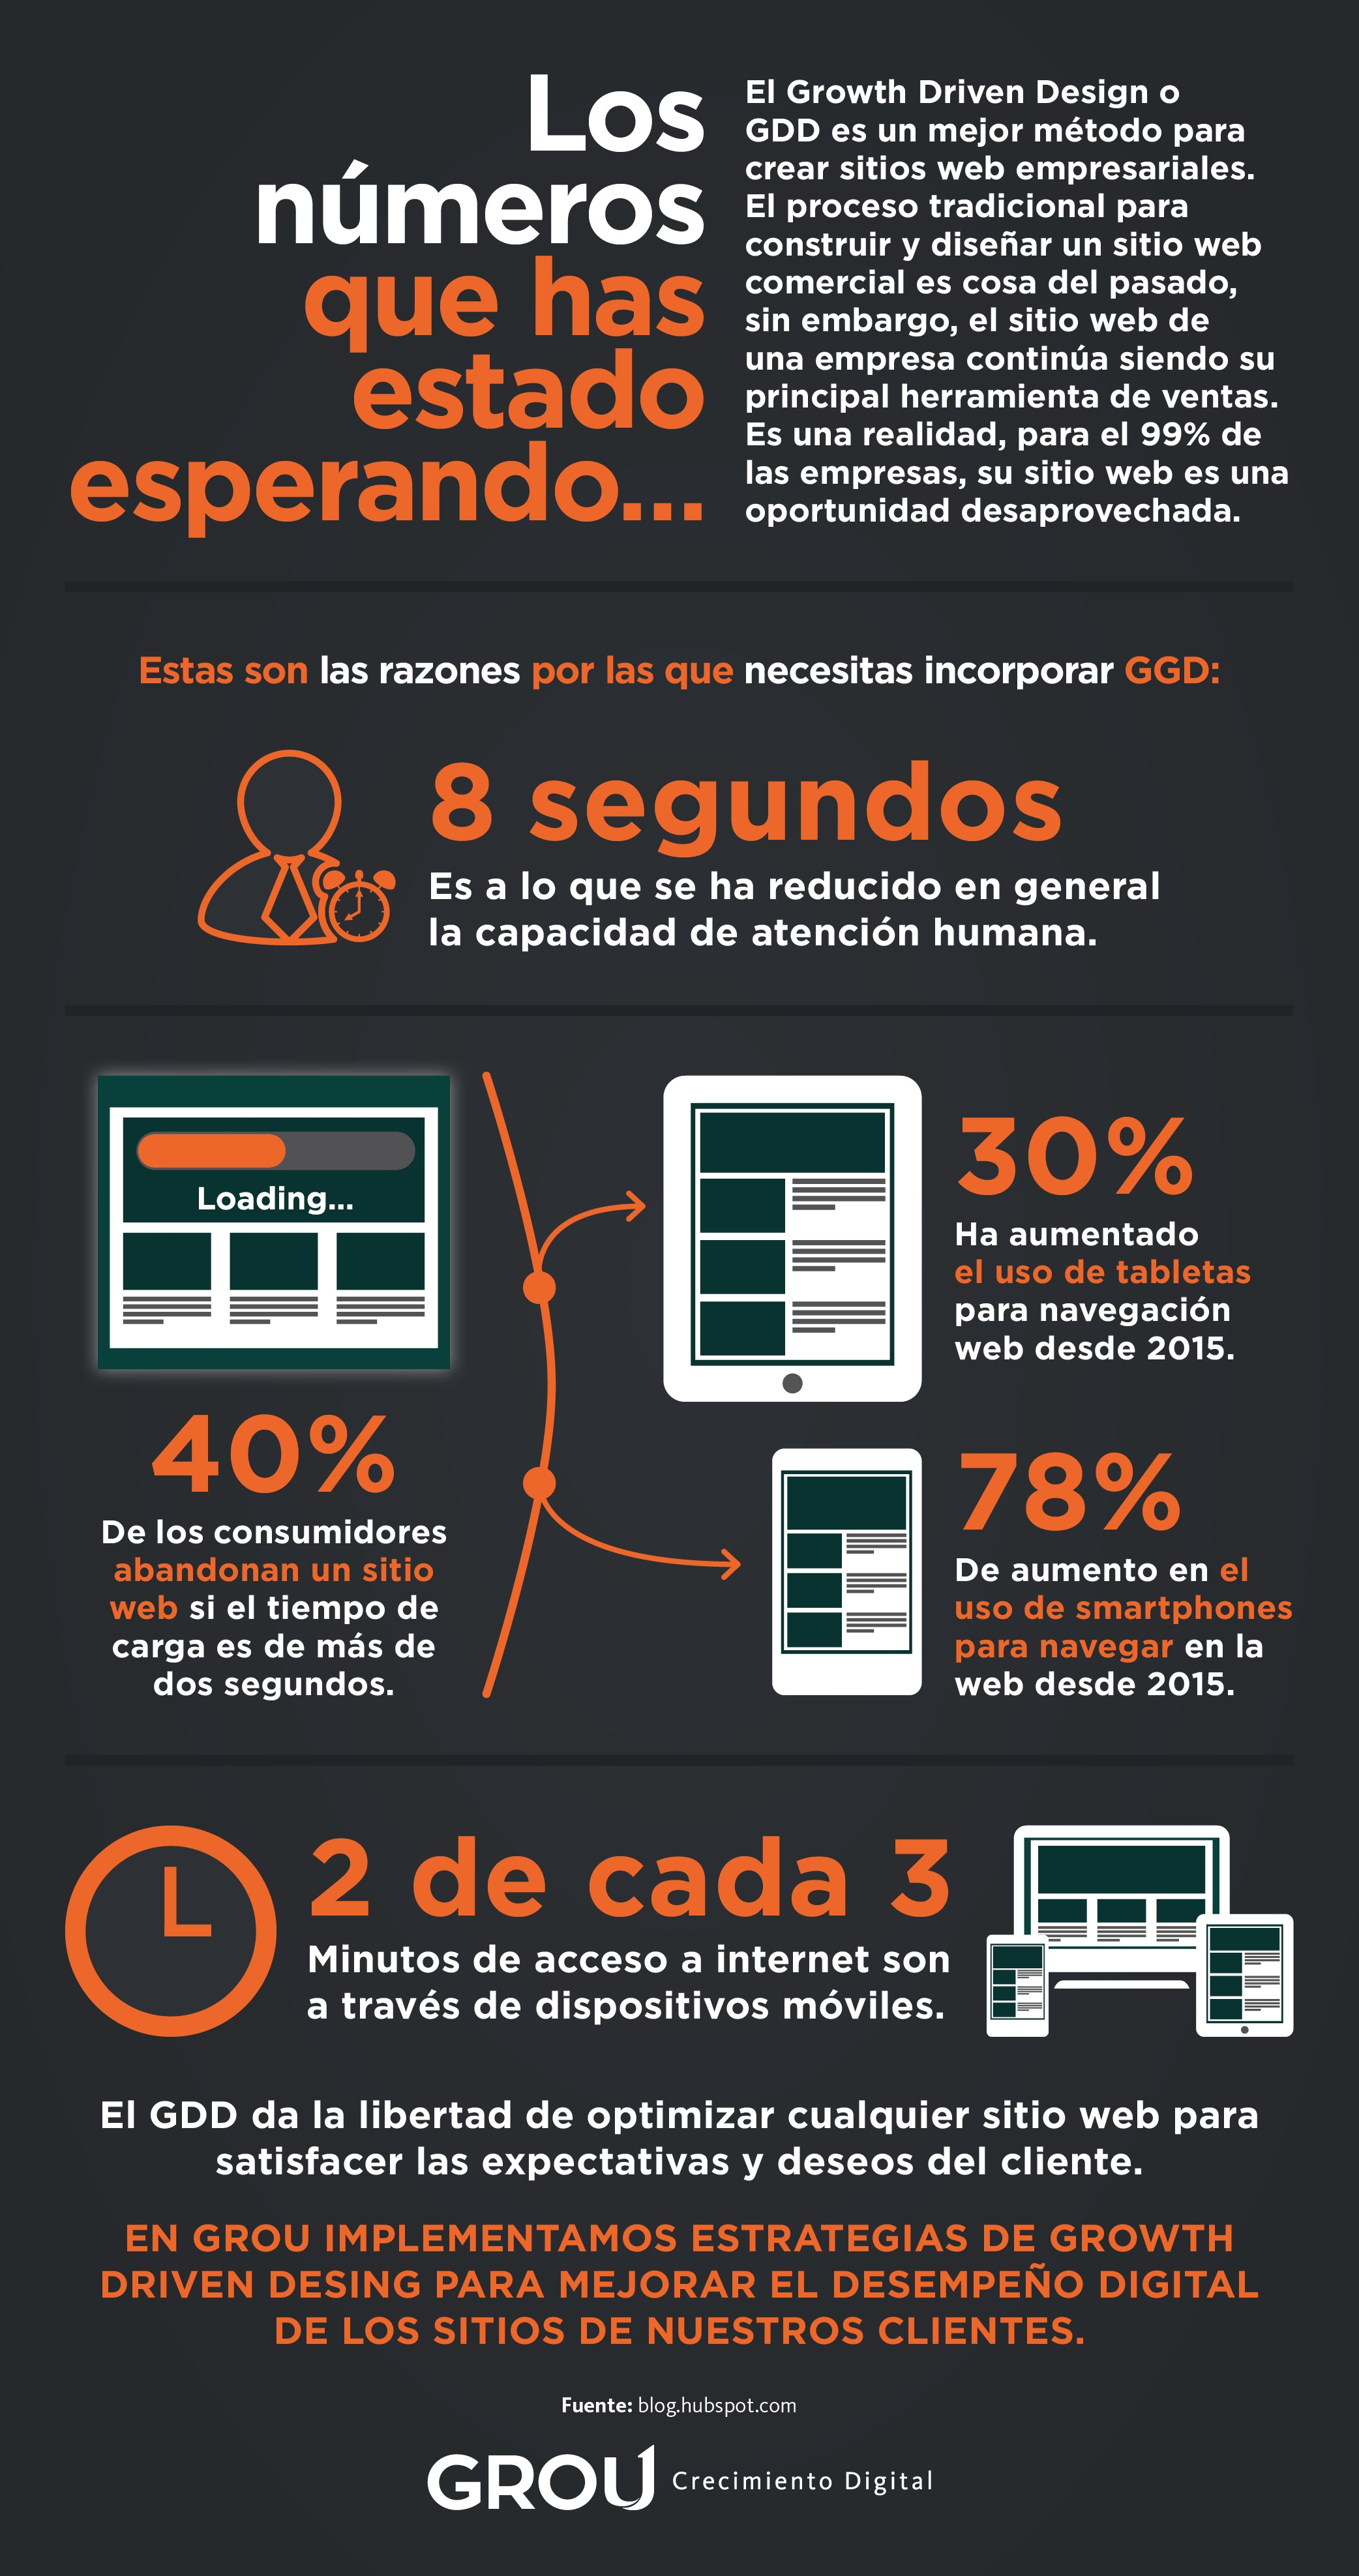 Infografia_18_septiembre_grou